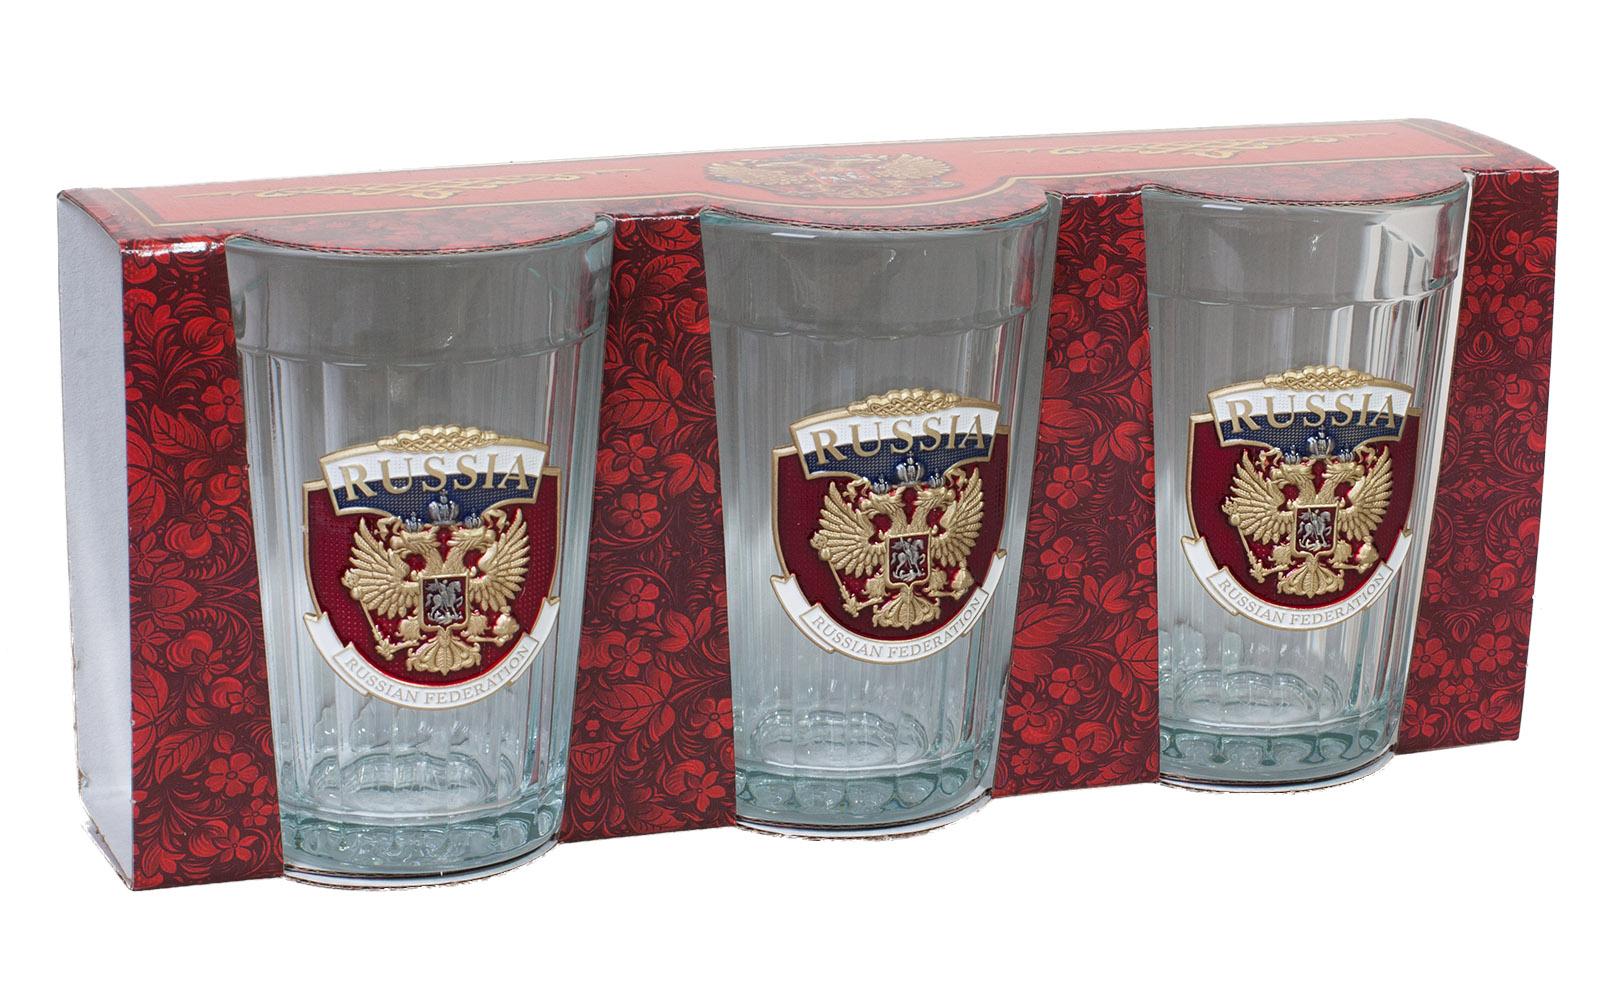 Коллекционные гранёные стаканы Russia